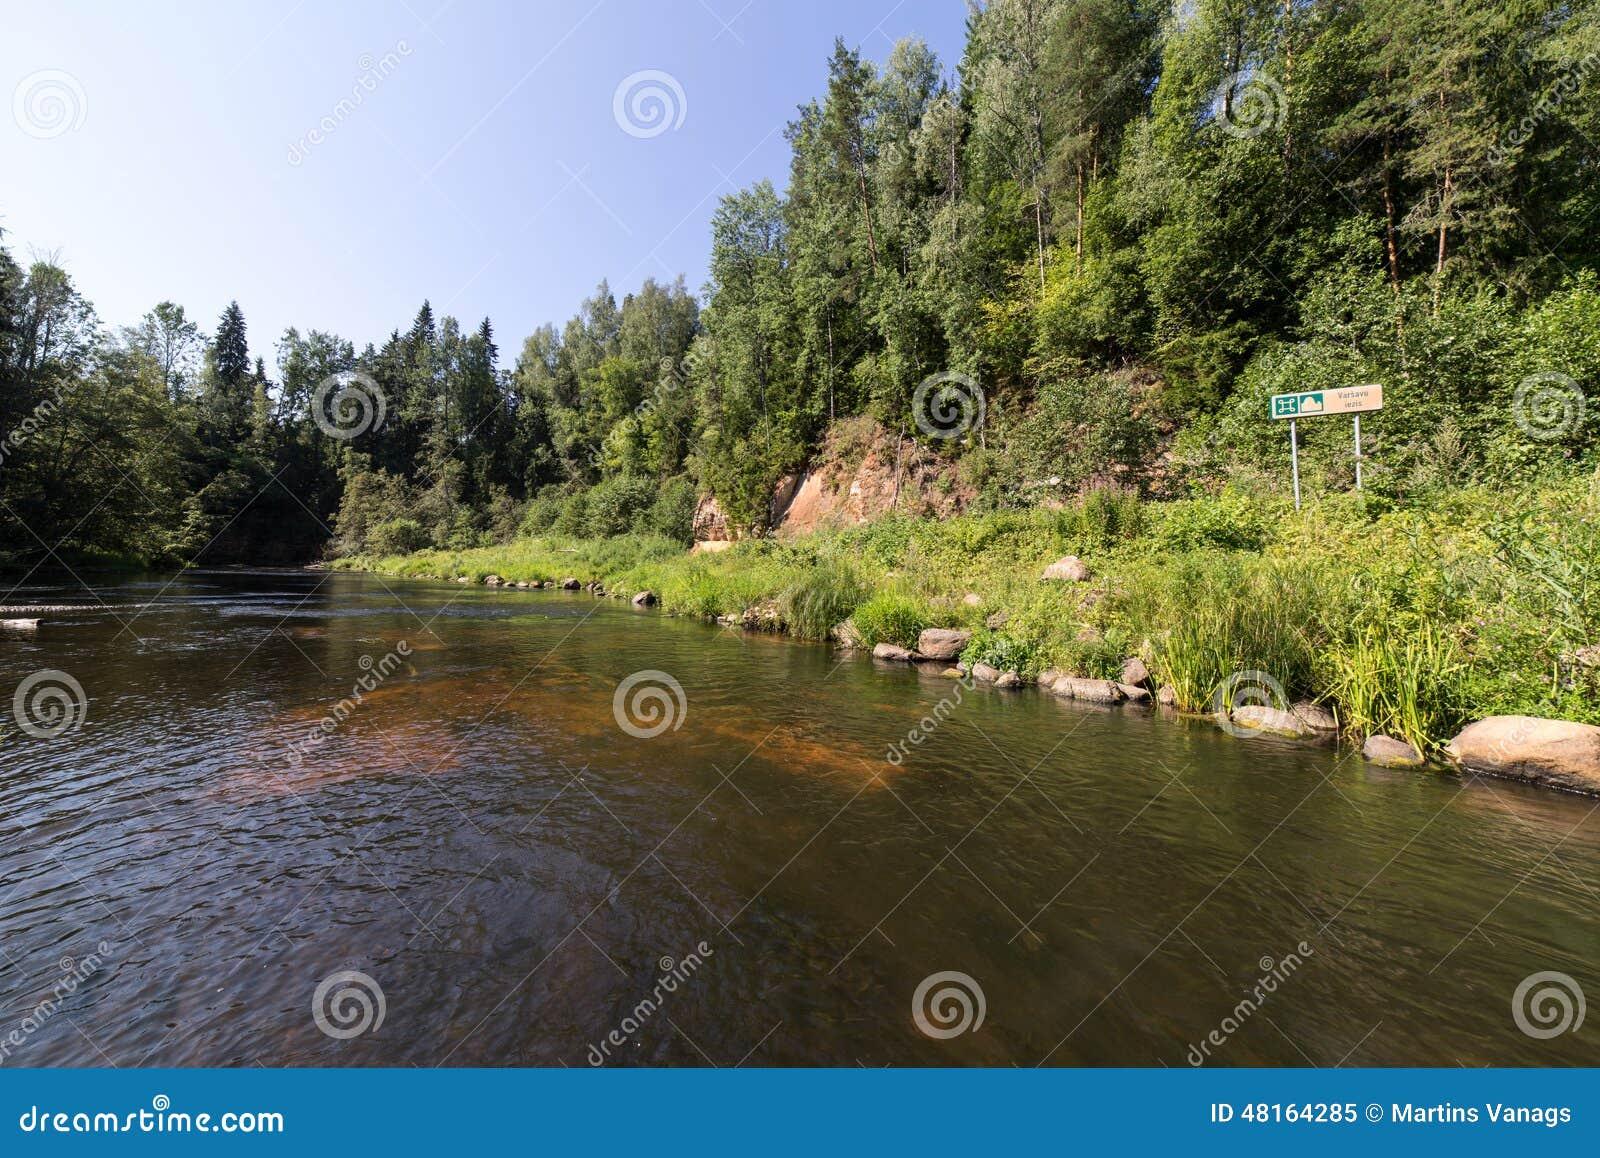 Gebirgsfluss im Sommer umgeben durch Wald